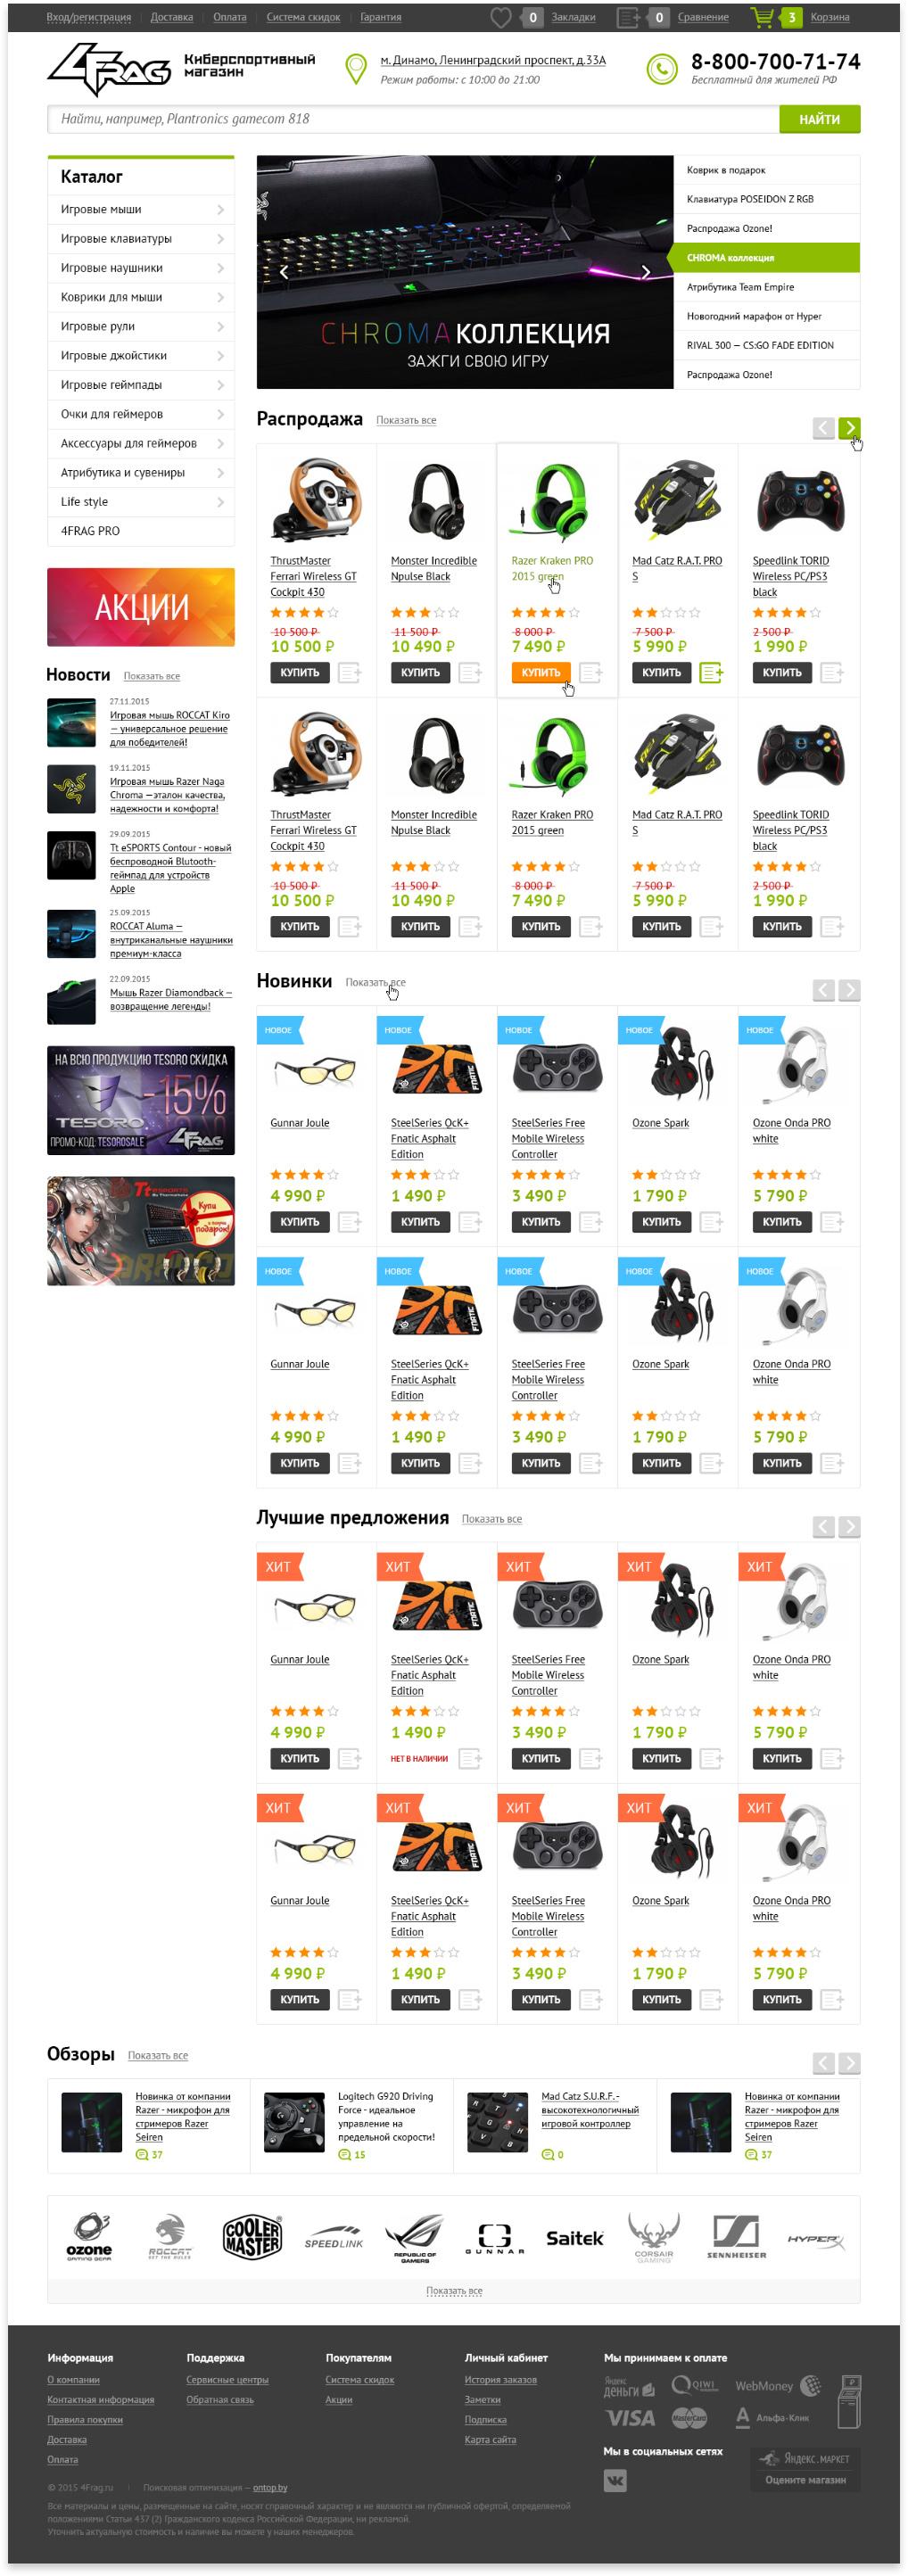 Интернет-магазин киберспортивных товаров